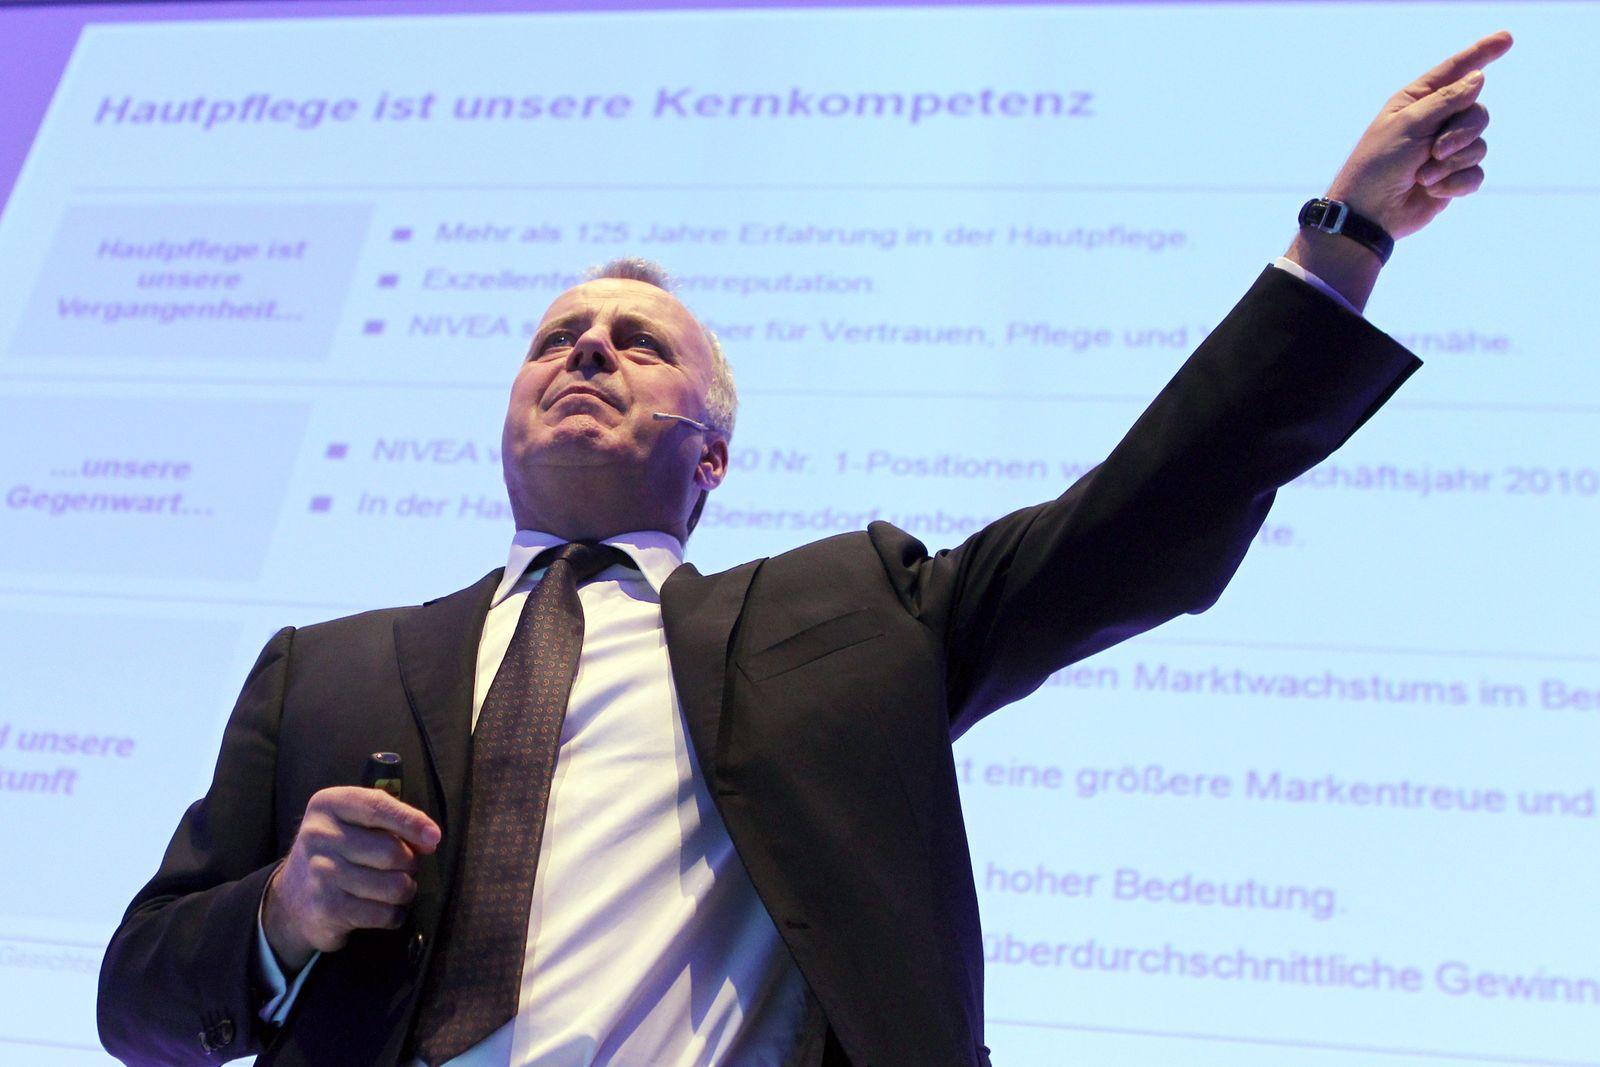 Thomas-B. Quaas / Beiersdorf